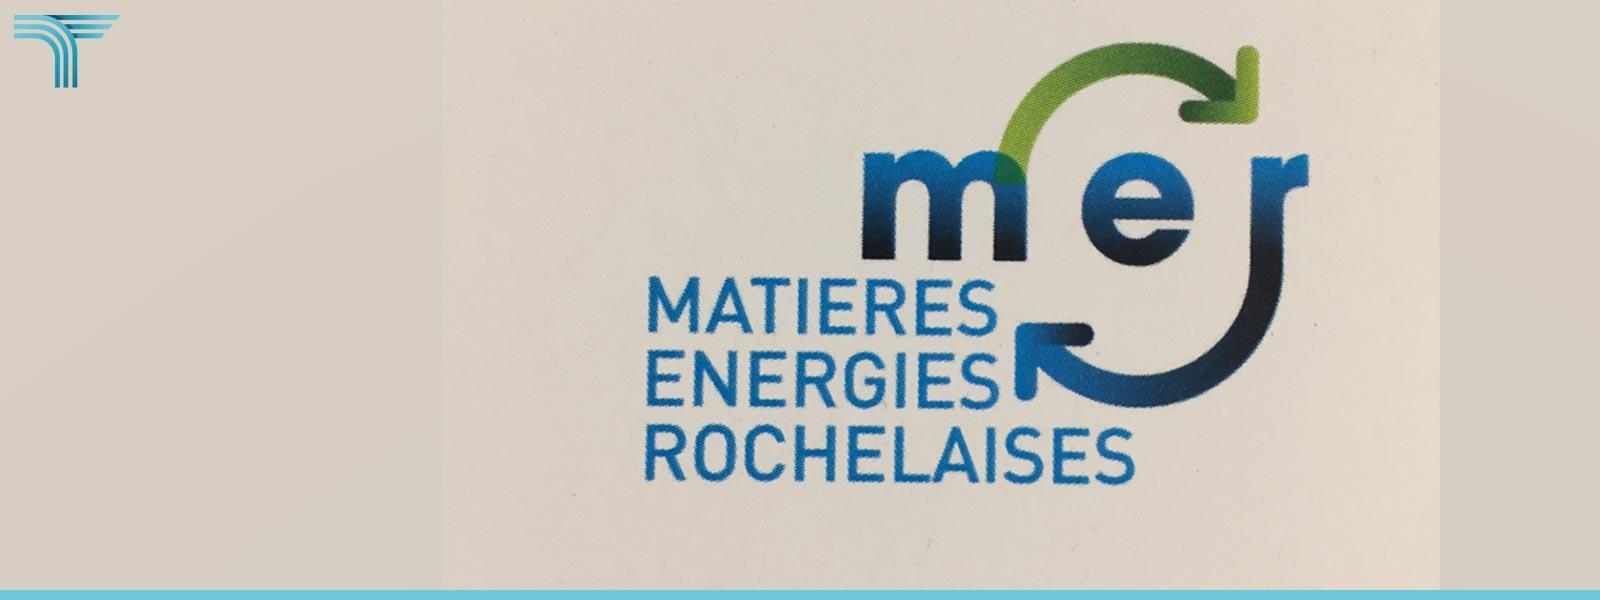 MER, l'association rochelaise pour la transition écologique